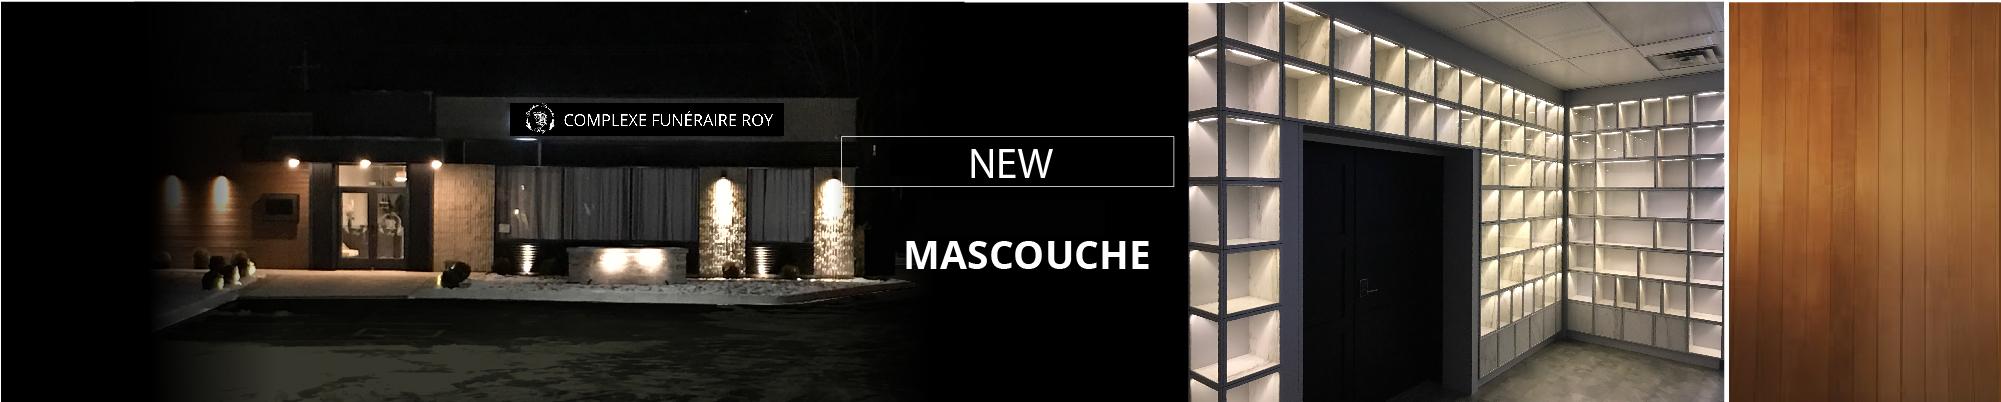 new.-mascouche-01-02